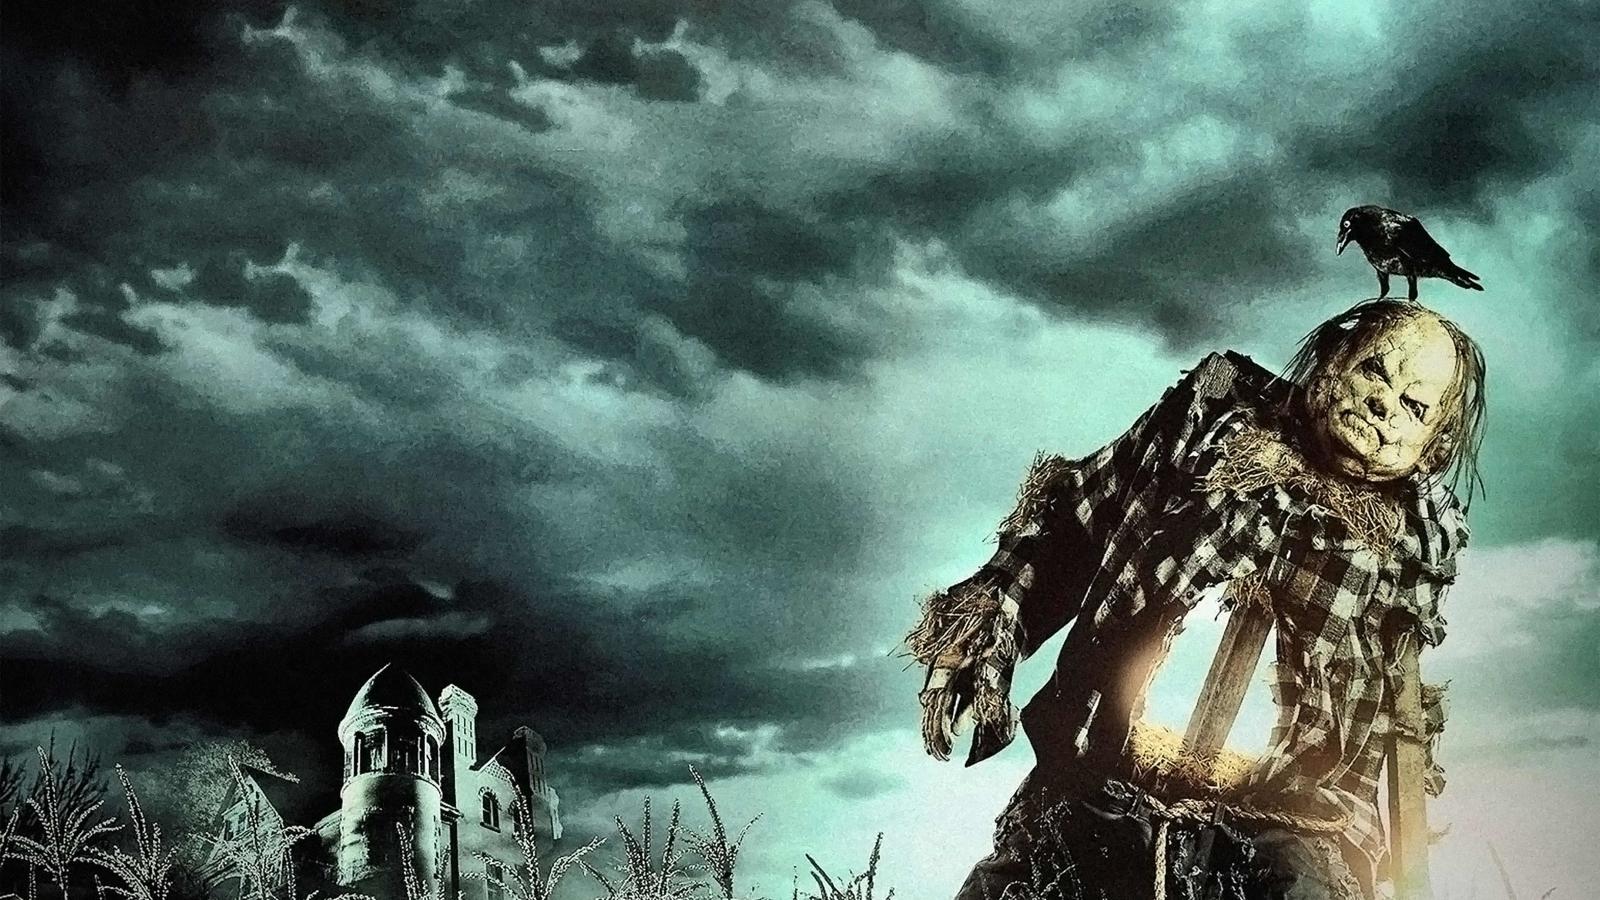 بهترین فیلمهای ترسناک سال را بشناسید